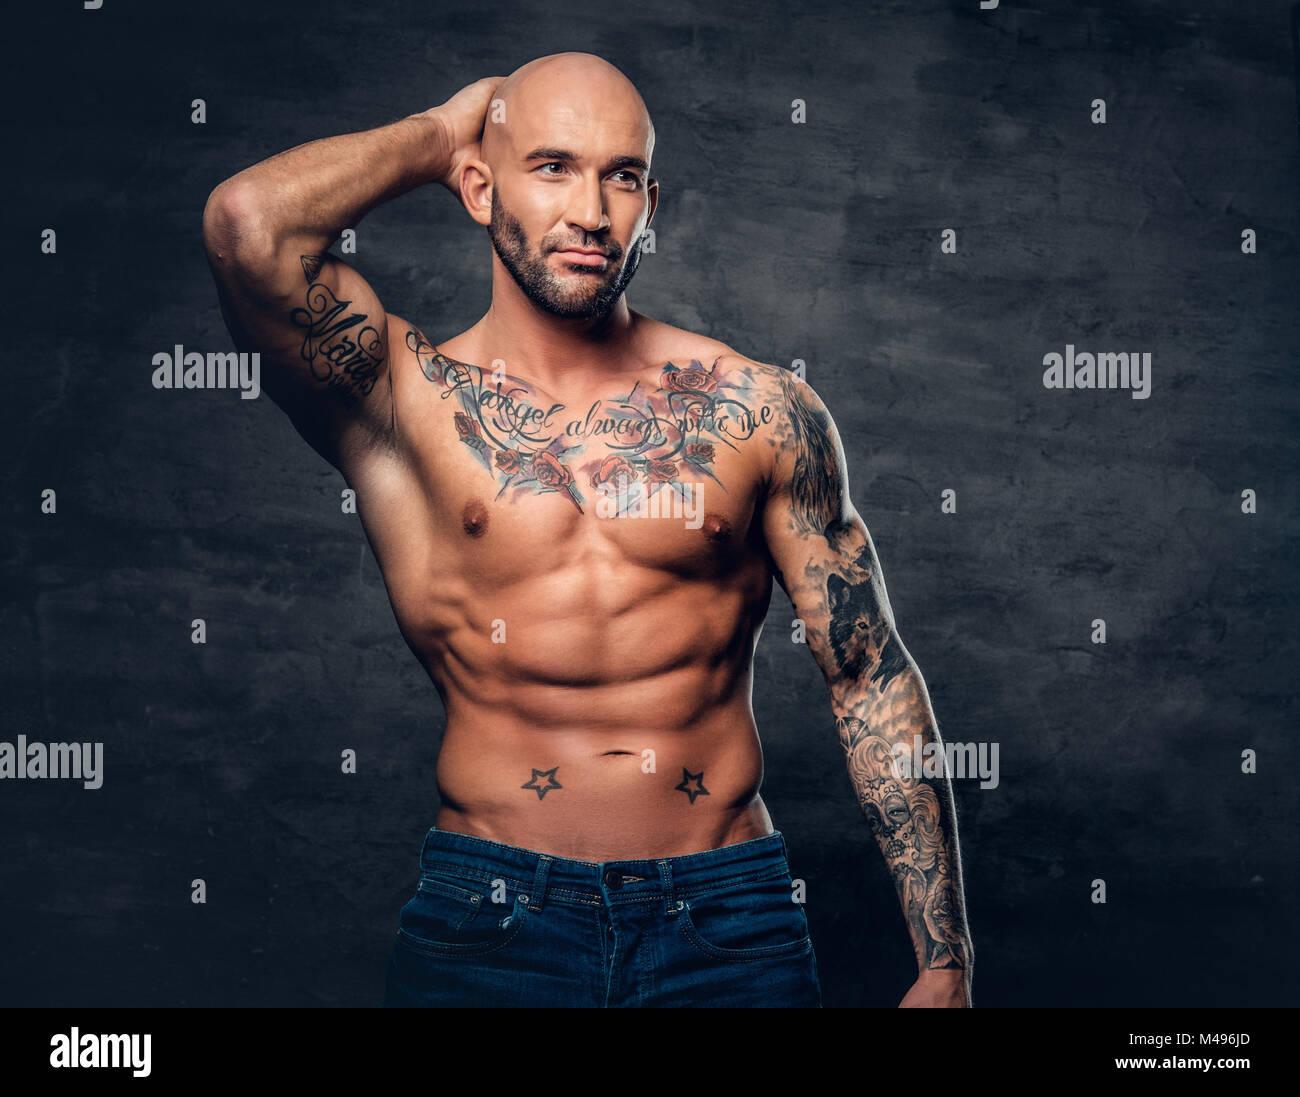 kopf rasiert muskul se m nner mit tattoos auf seinem. Black Bedroom Furniture Sets. Home Design Ideas